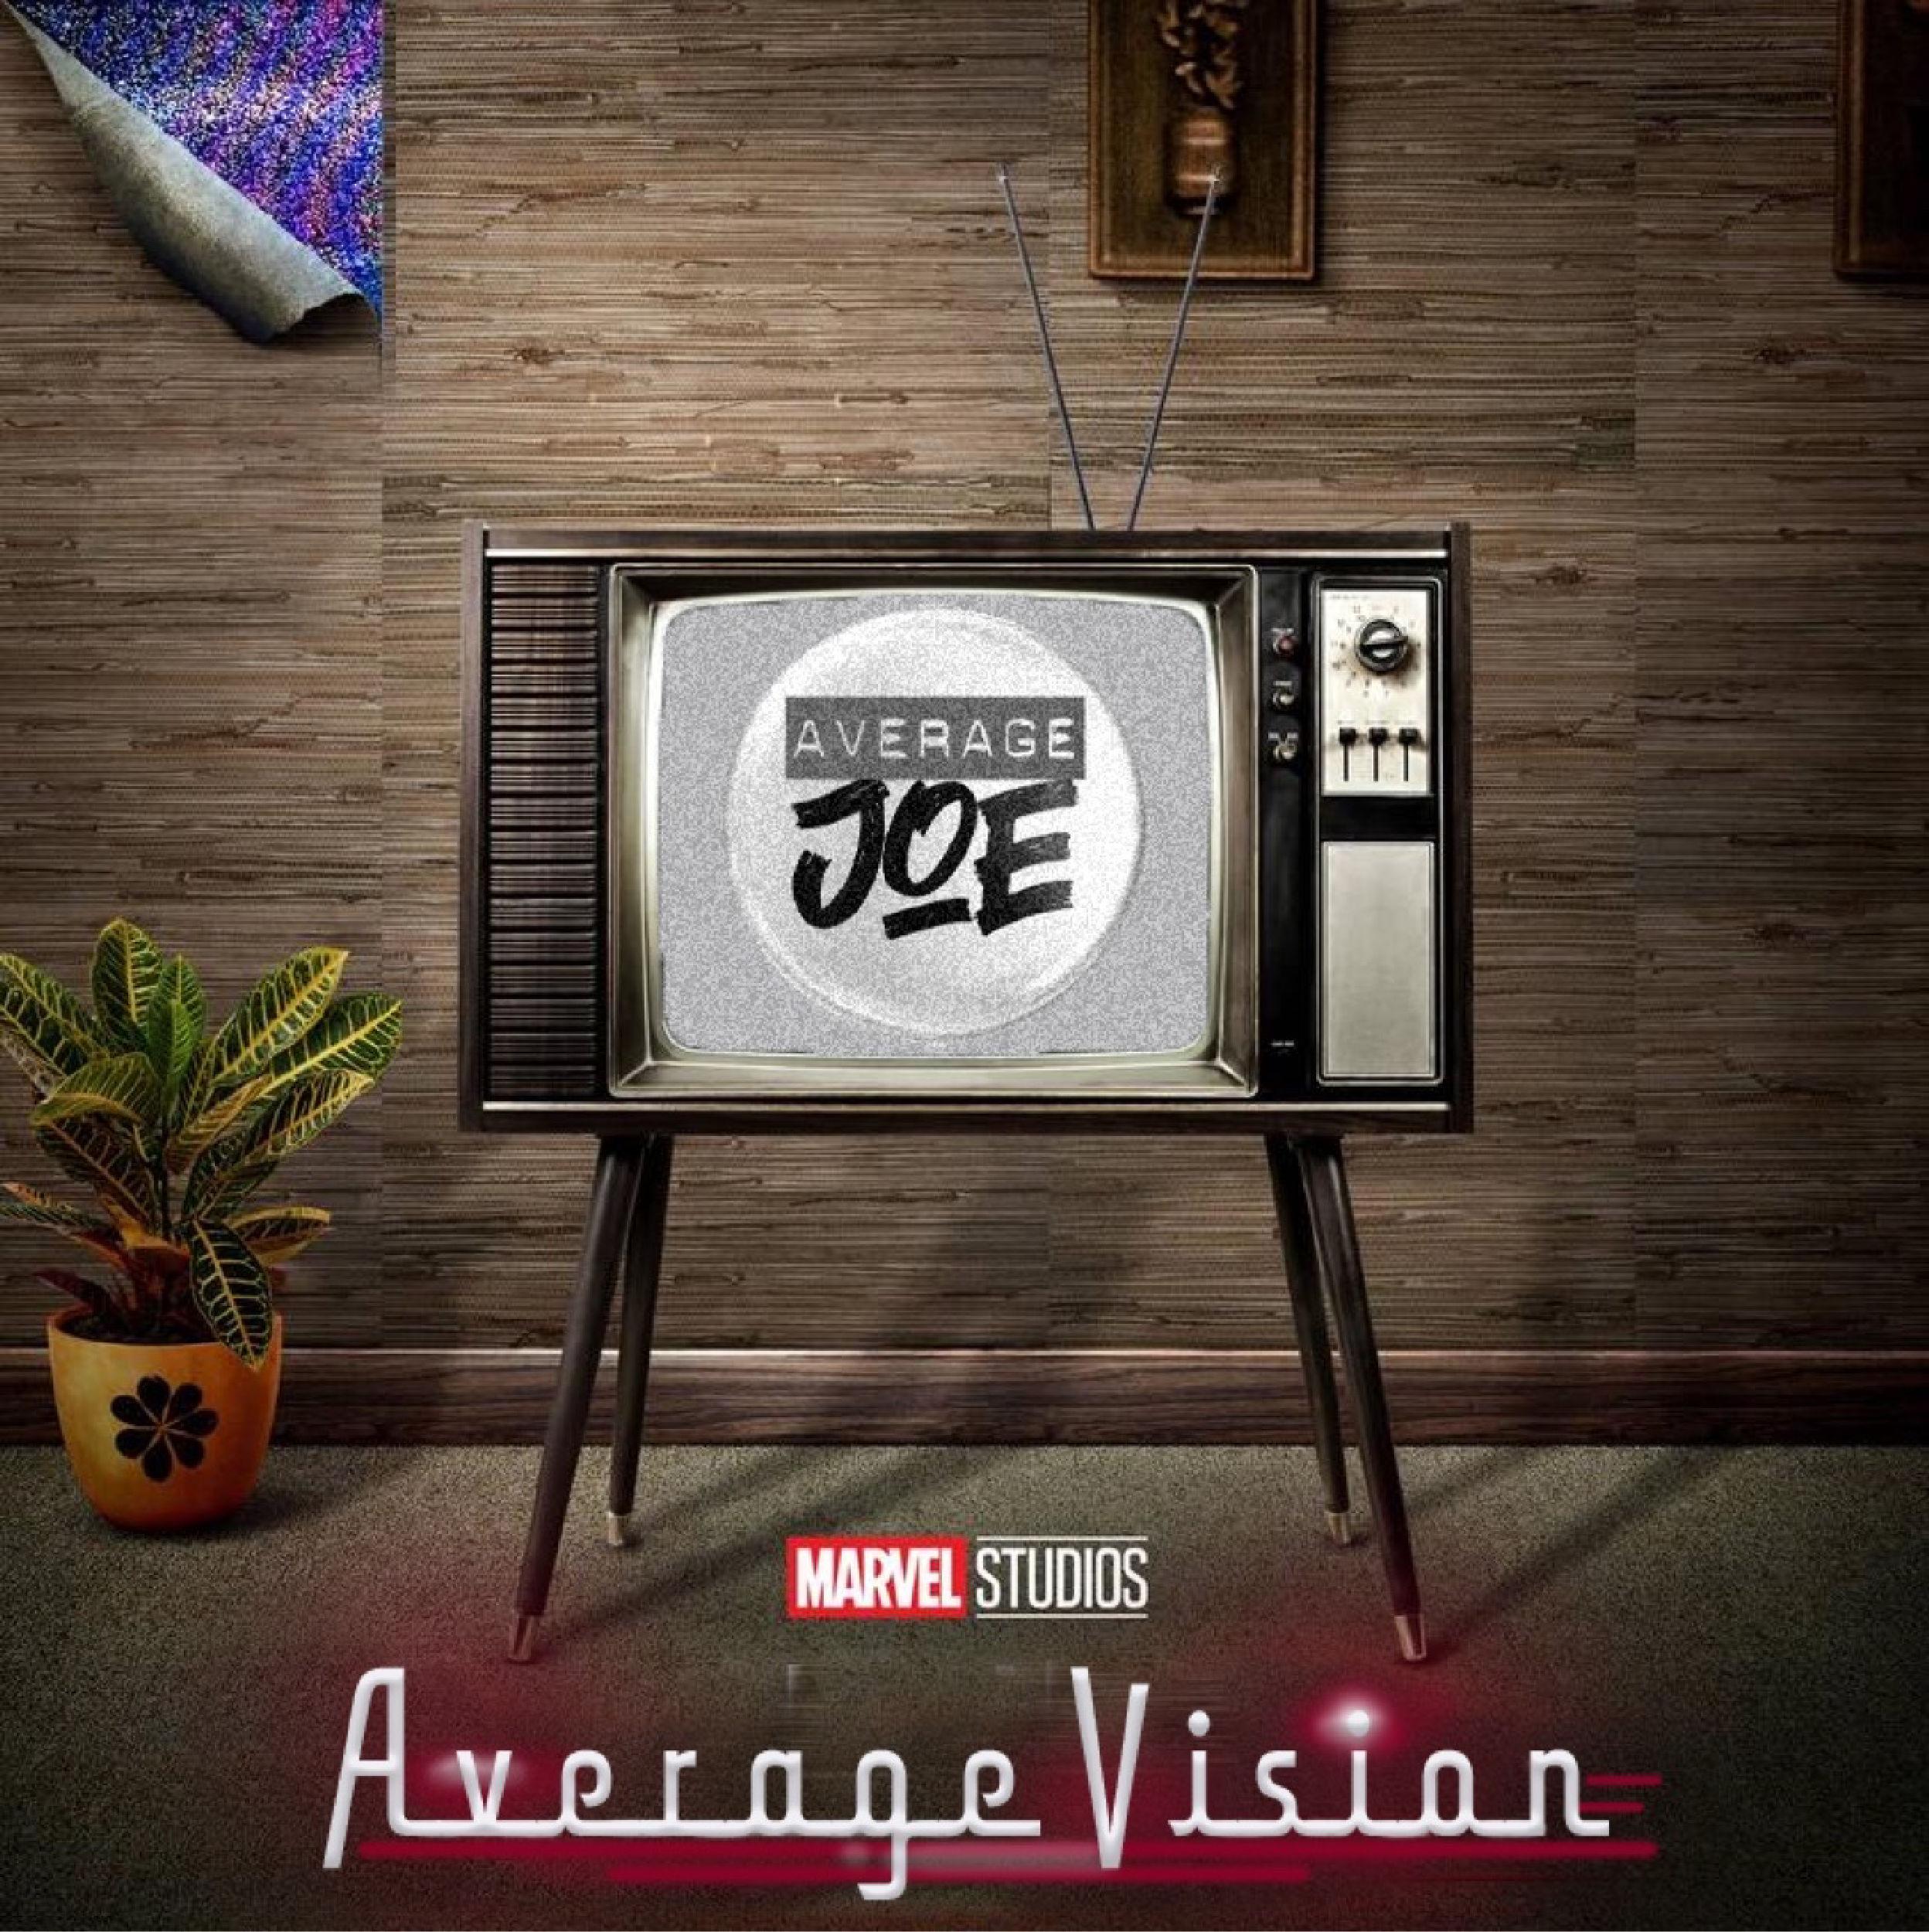 AverageVision